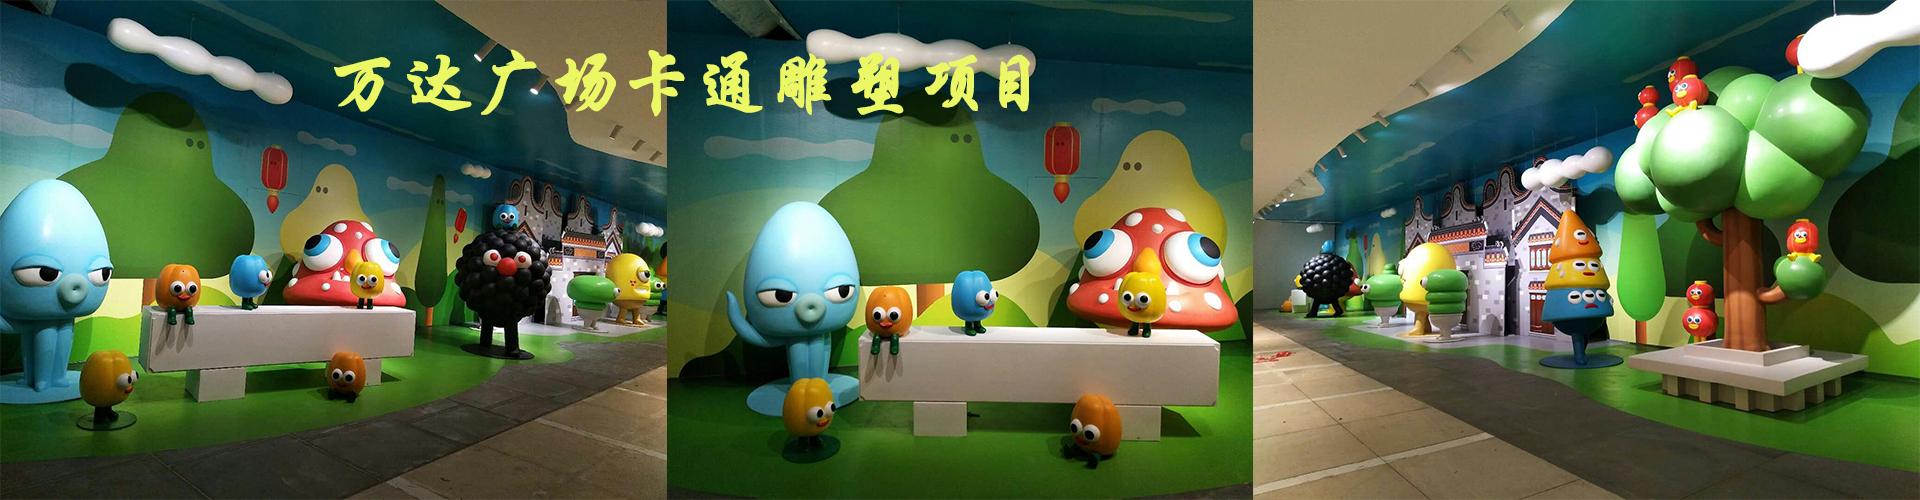 广州市凰丽雕塑工艺品有限公司